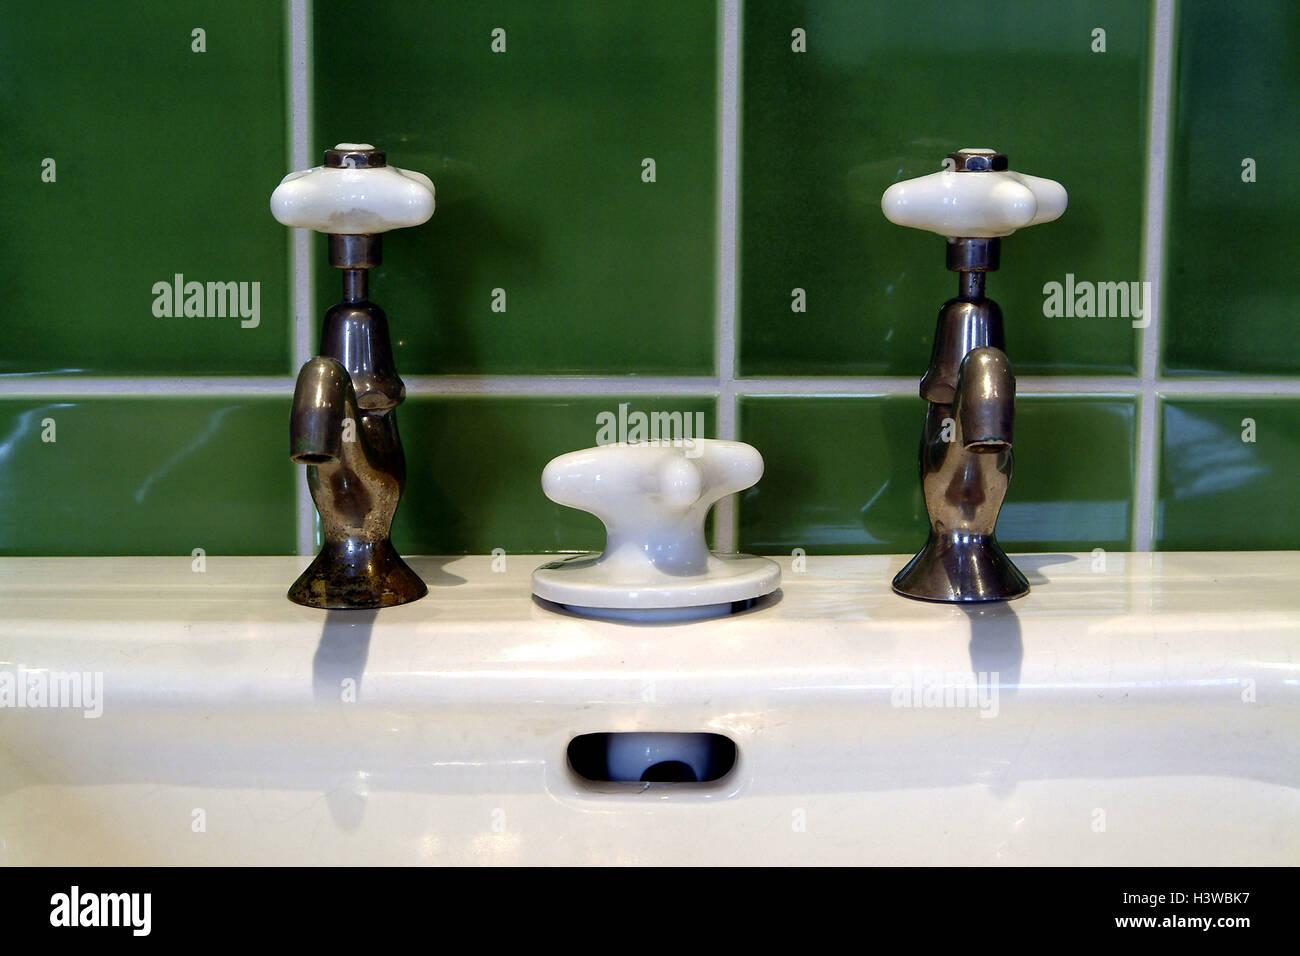 Waschbecken Detail Armaturen In Eine Altmodische Art Und Weise